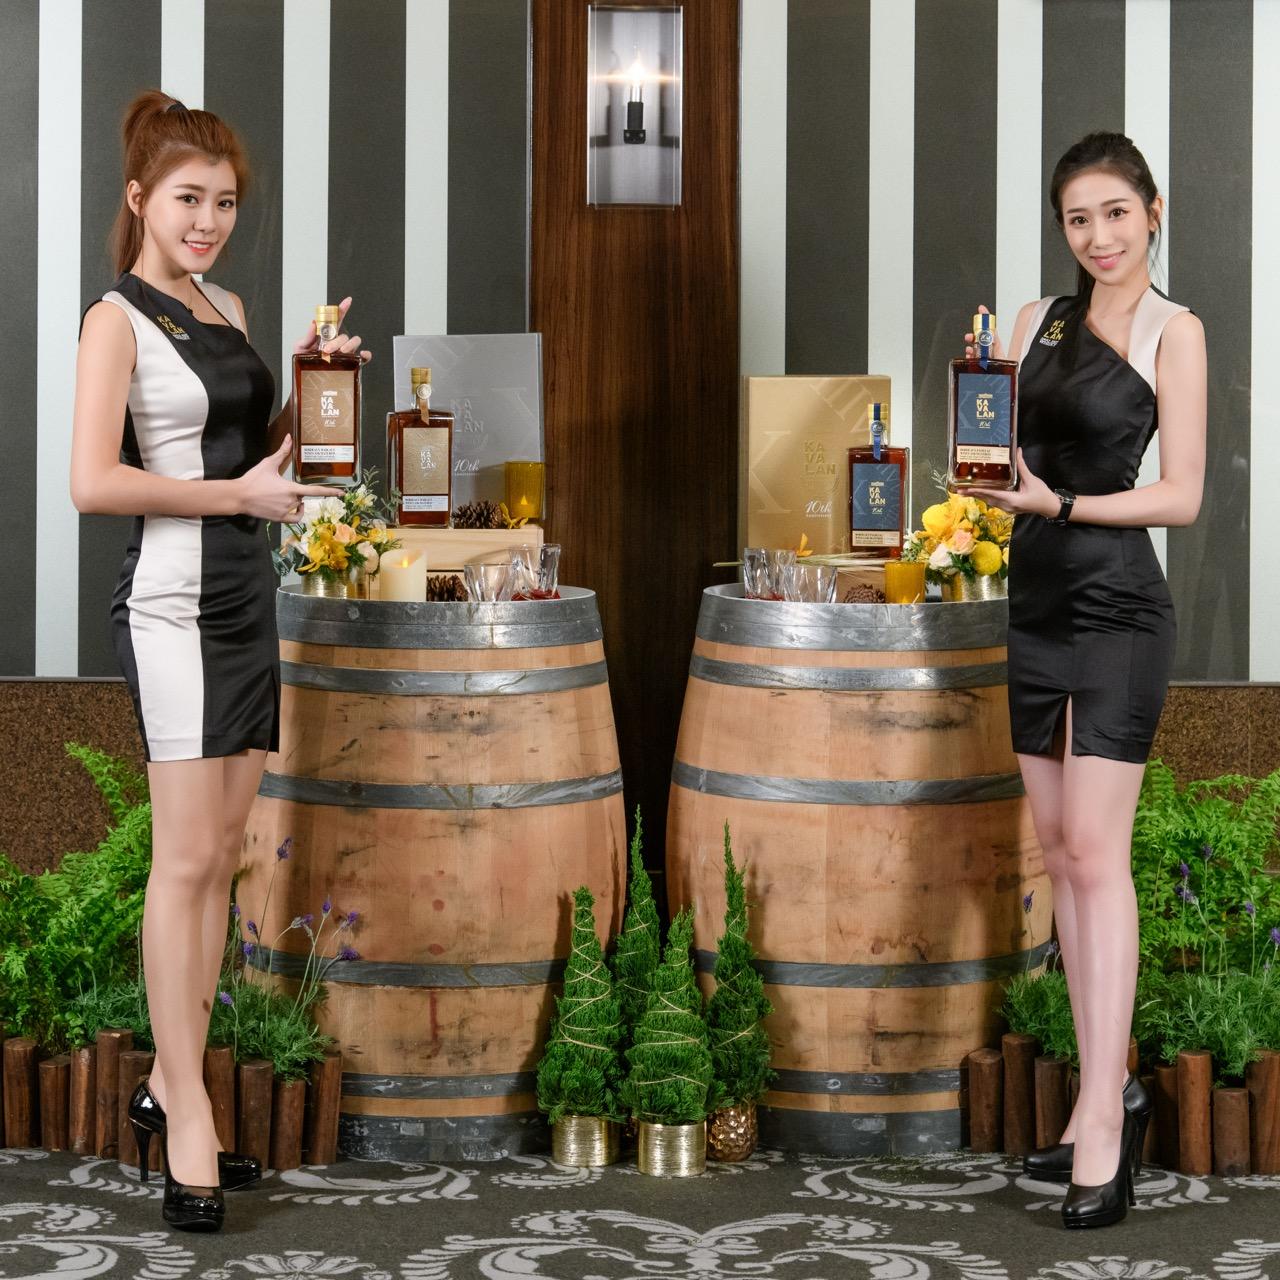 金車噶瑪蘭於今日(1204)歡慶上市十周年,推出限量紀念禮盒 「噶瑪蘭波爾多瑪歌產區葡萄酒桶單一麥芽威士忌」與「噶瑪蘭波爾多波雅克產區葡萄酒桶單一麥芽威士忌」 大檔 拷貝